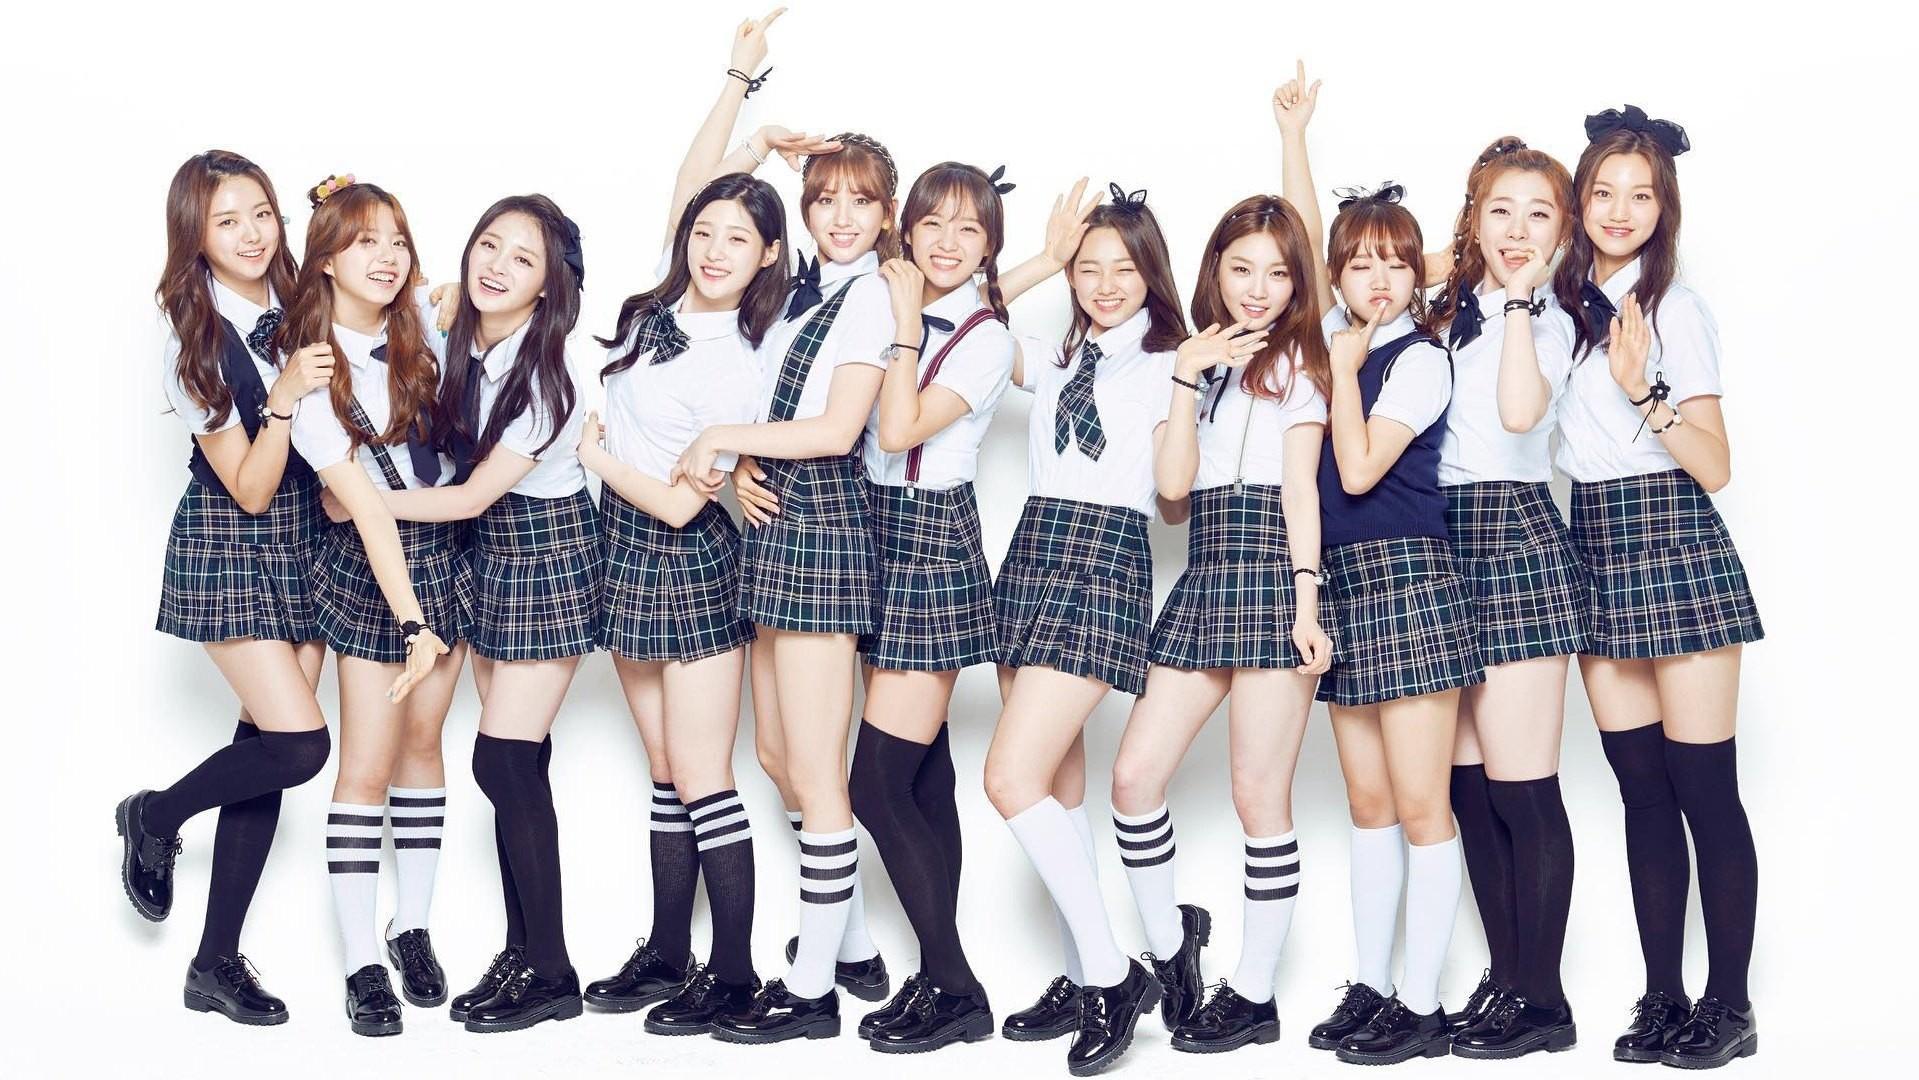 Đây là 4 show truyền hình của Hàn Quốc không thể bỏ qua trong năm 2019! - Ảnh 3.